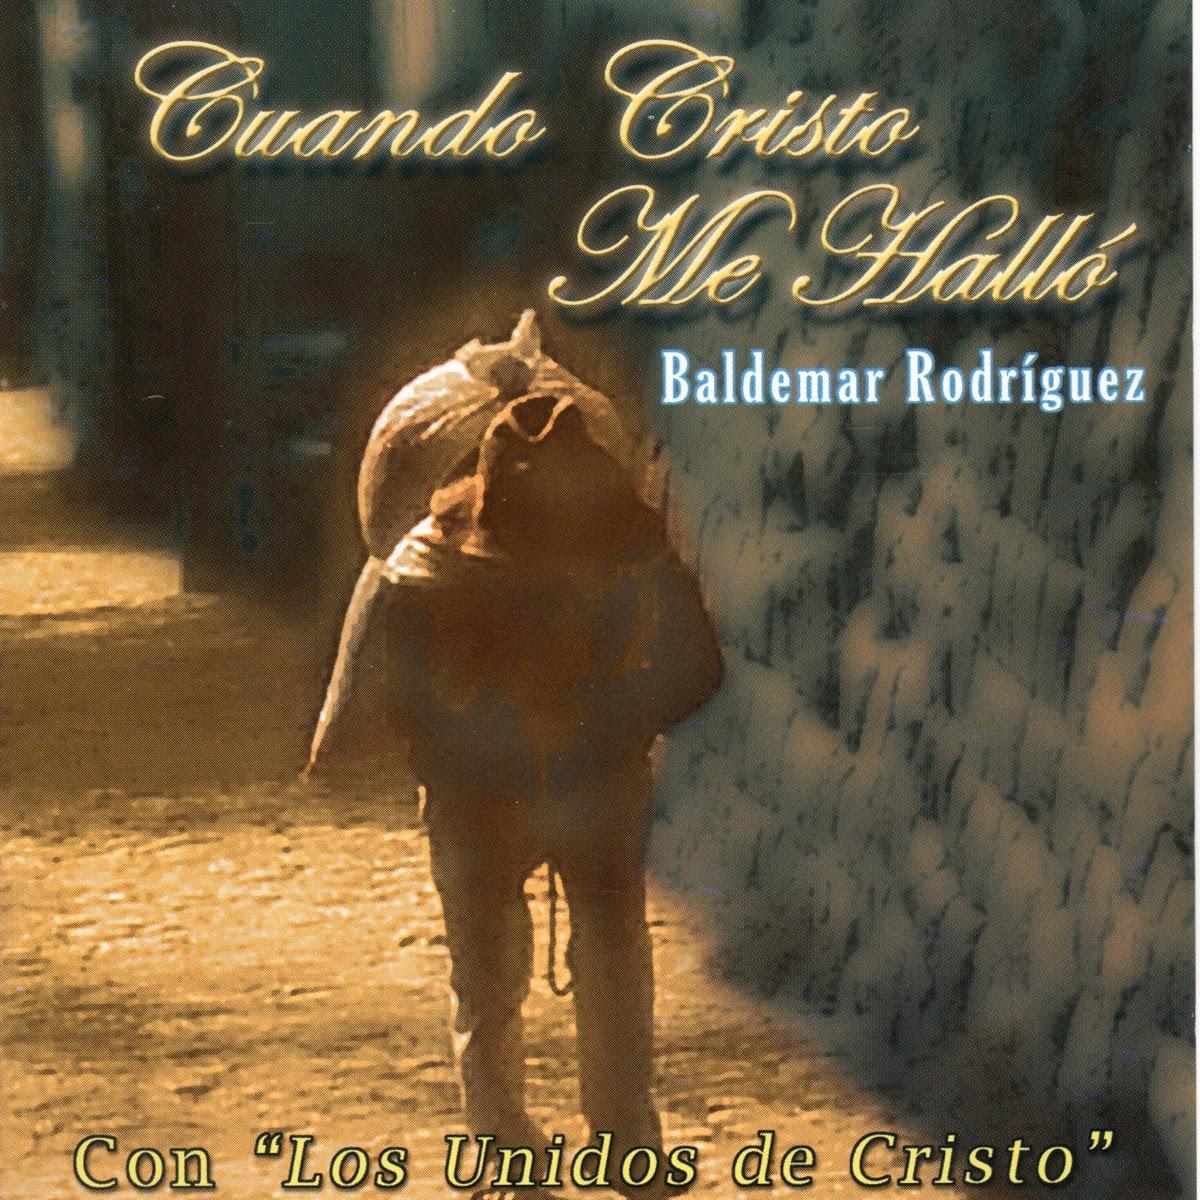 Baldemar Rodríguez-Cuando Cristo Me Halló-